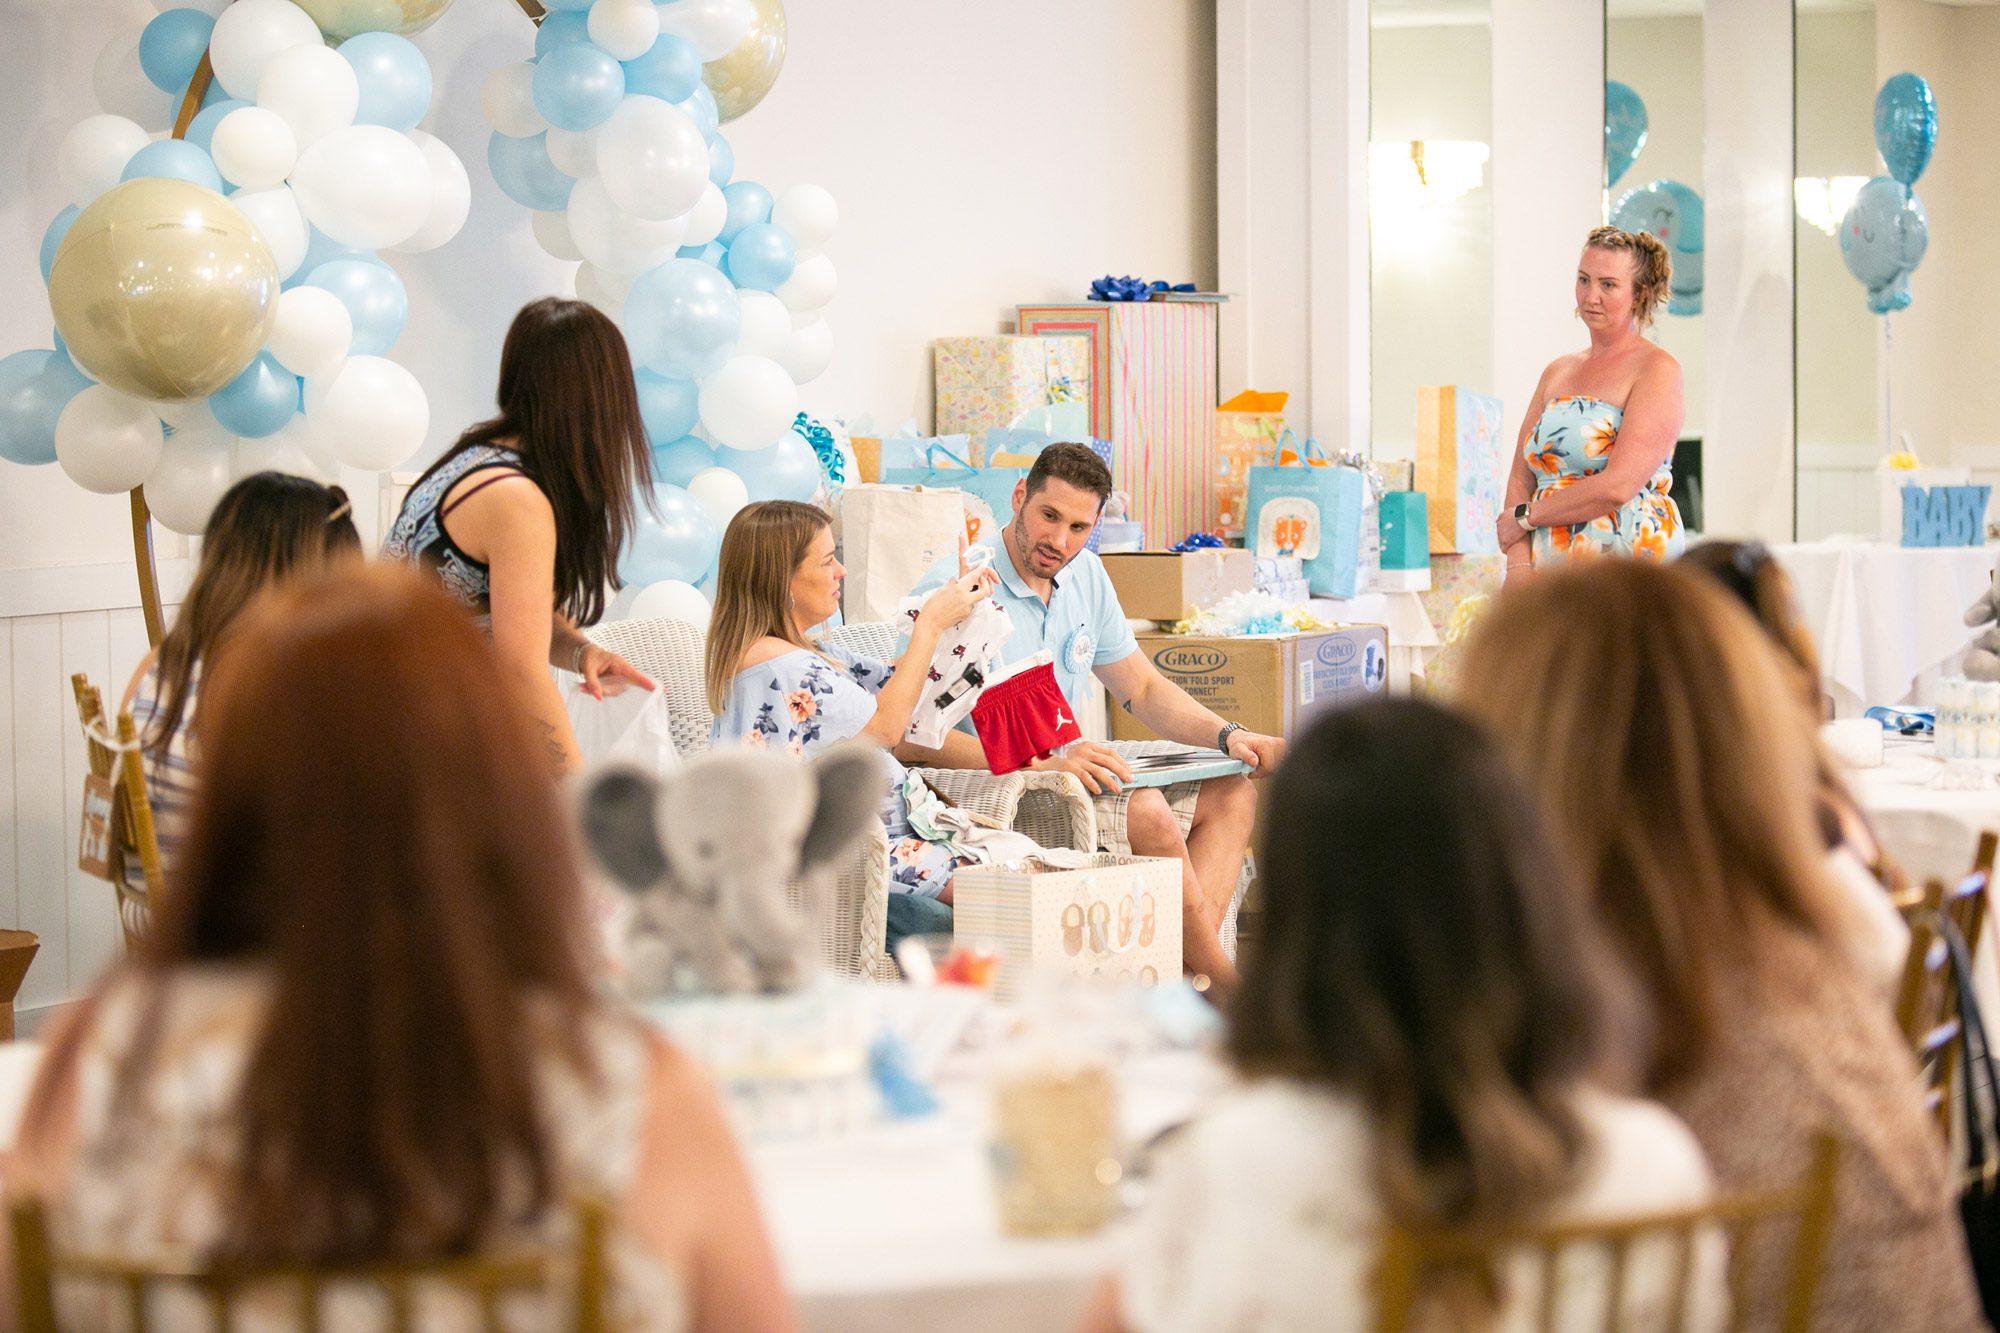 A baby shower in Terrace Ballroom at Danversport in Danvers, Massachusetts